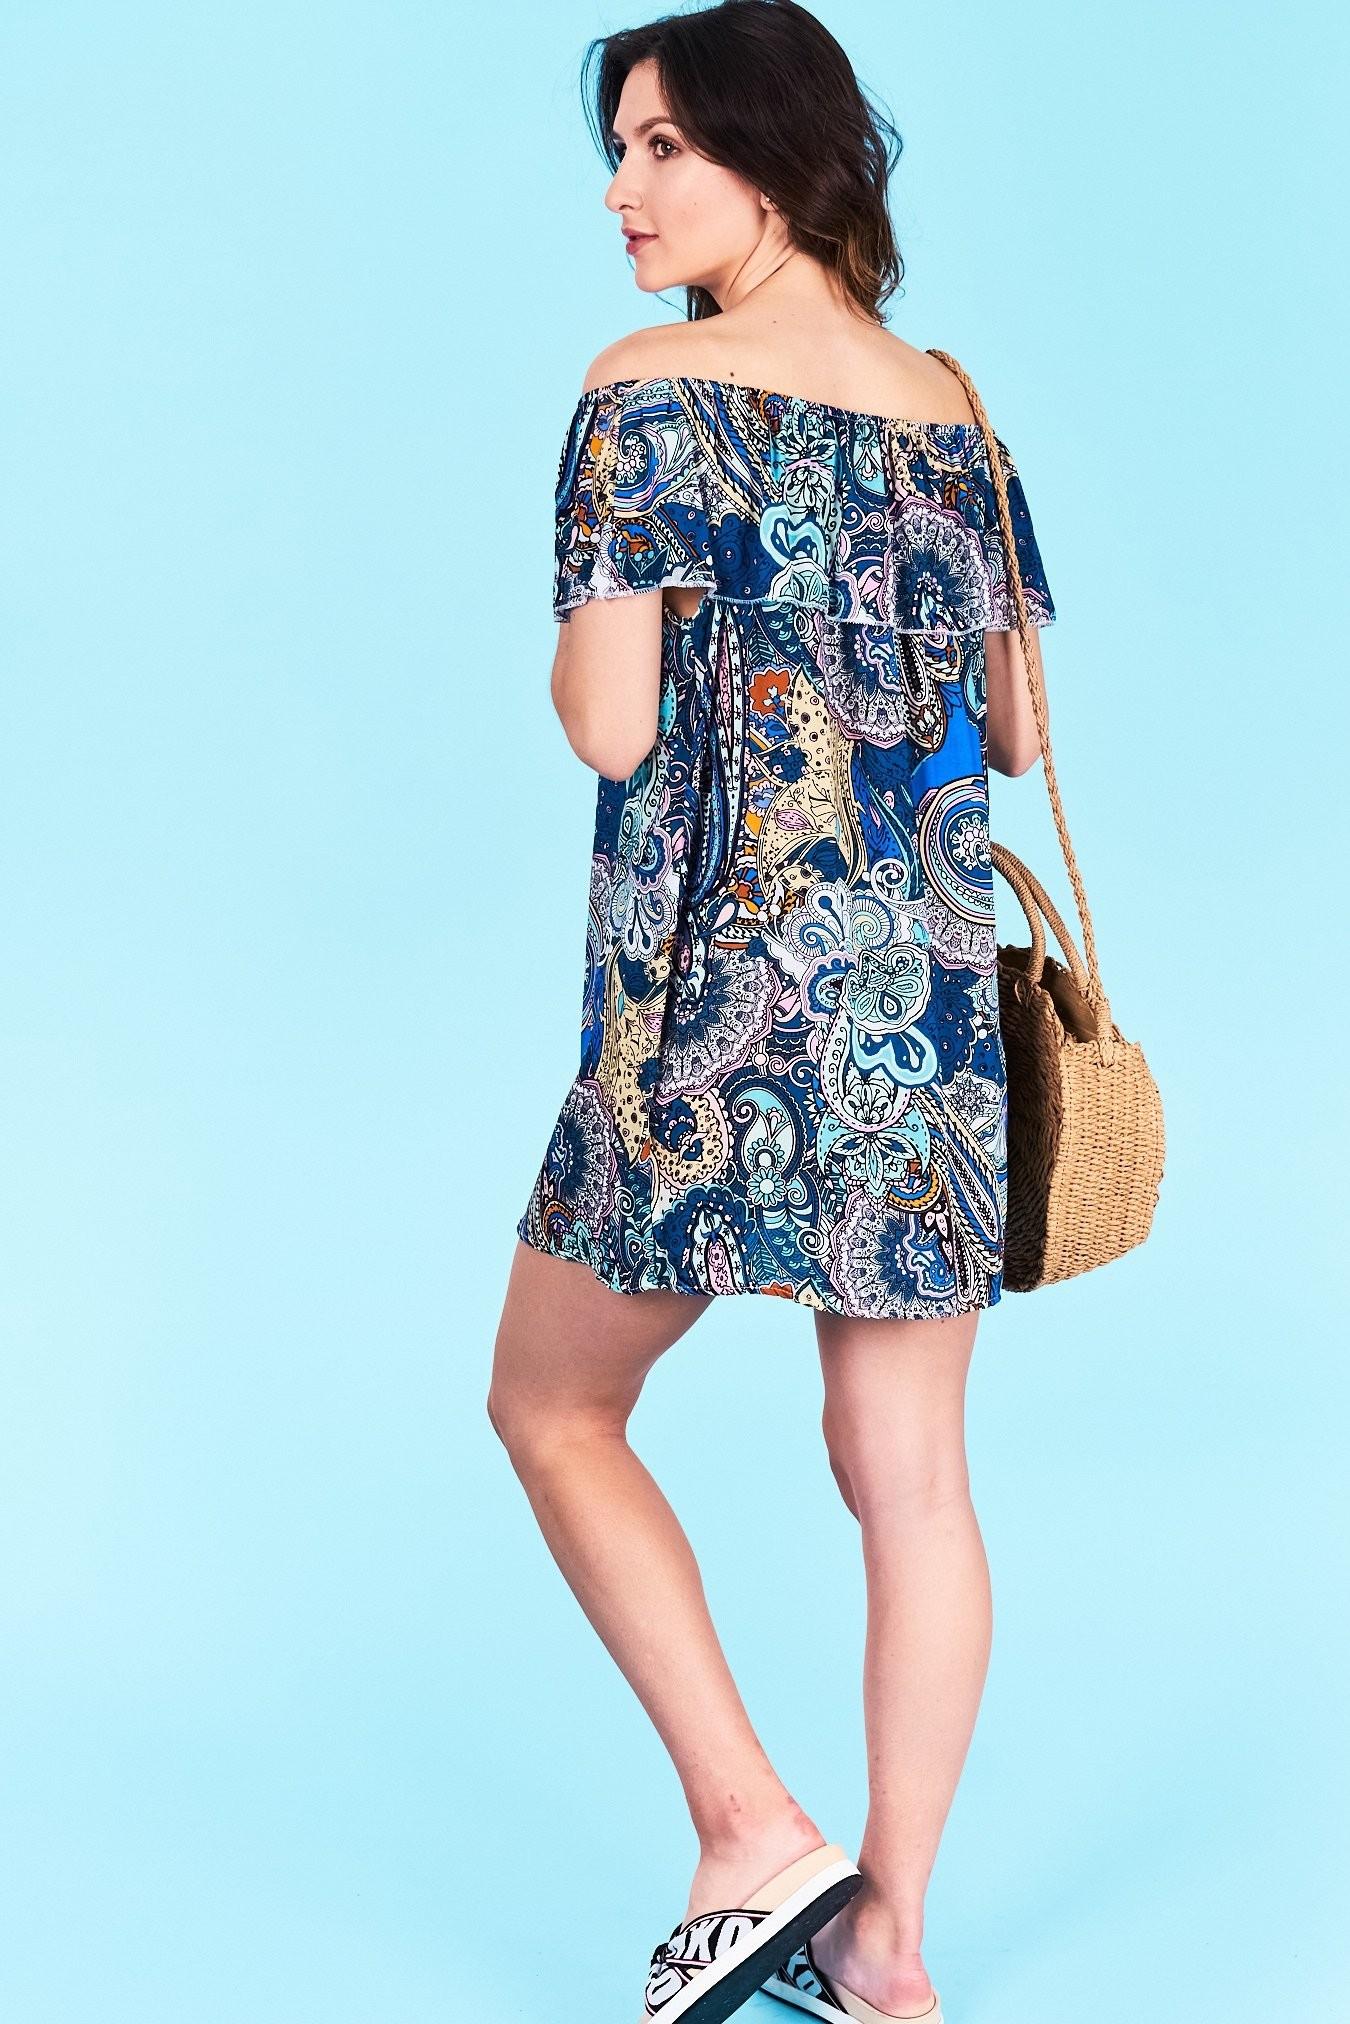 7bce99ab2e69 Dámske letné šaty modráá Adalyn Veľkosť UNI-verzálna Vyrobené z príjemného  materiálu. Pohodlné šaty